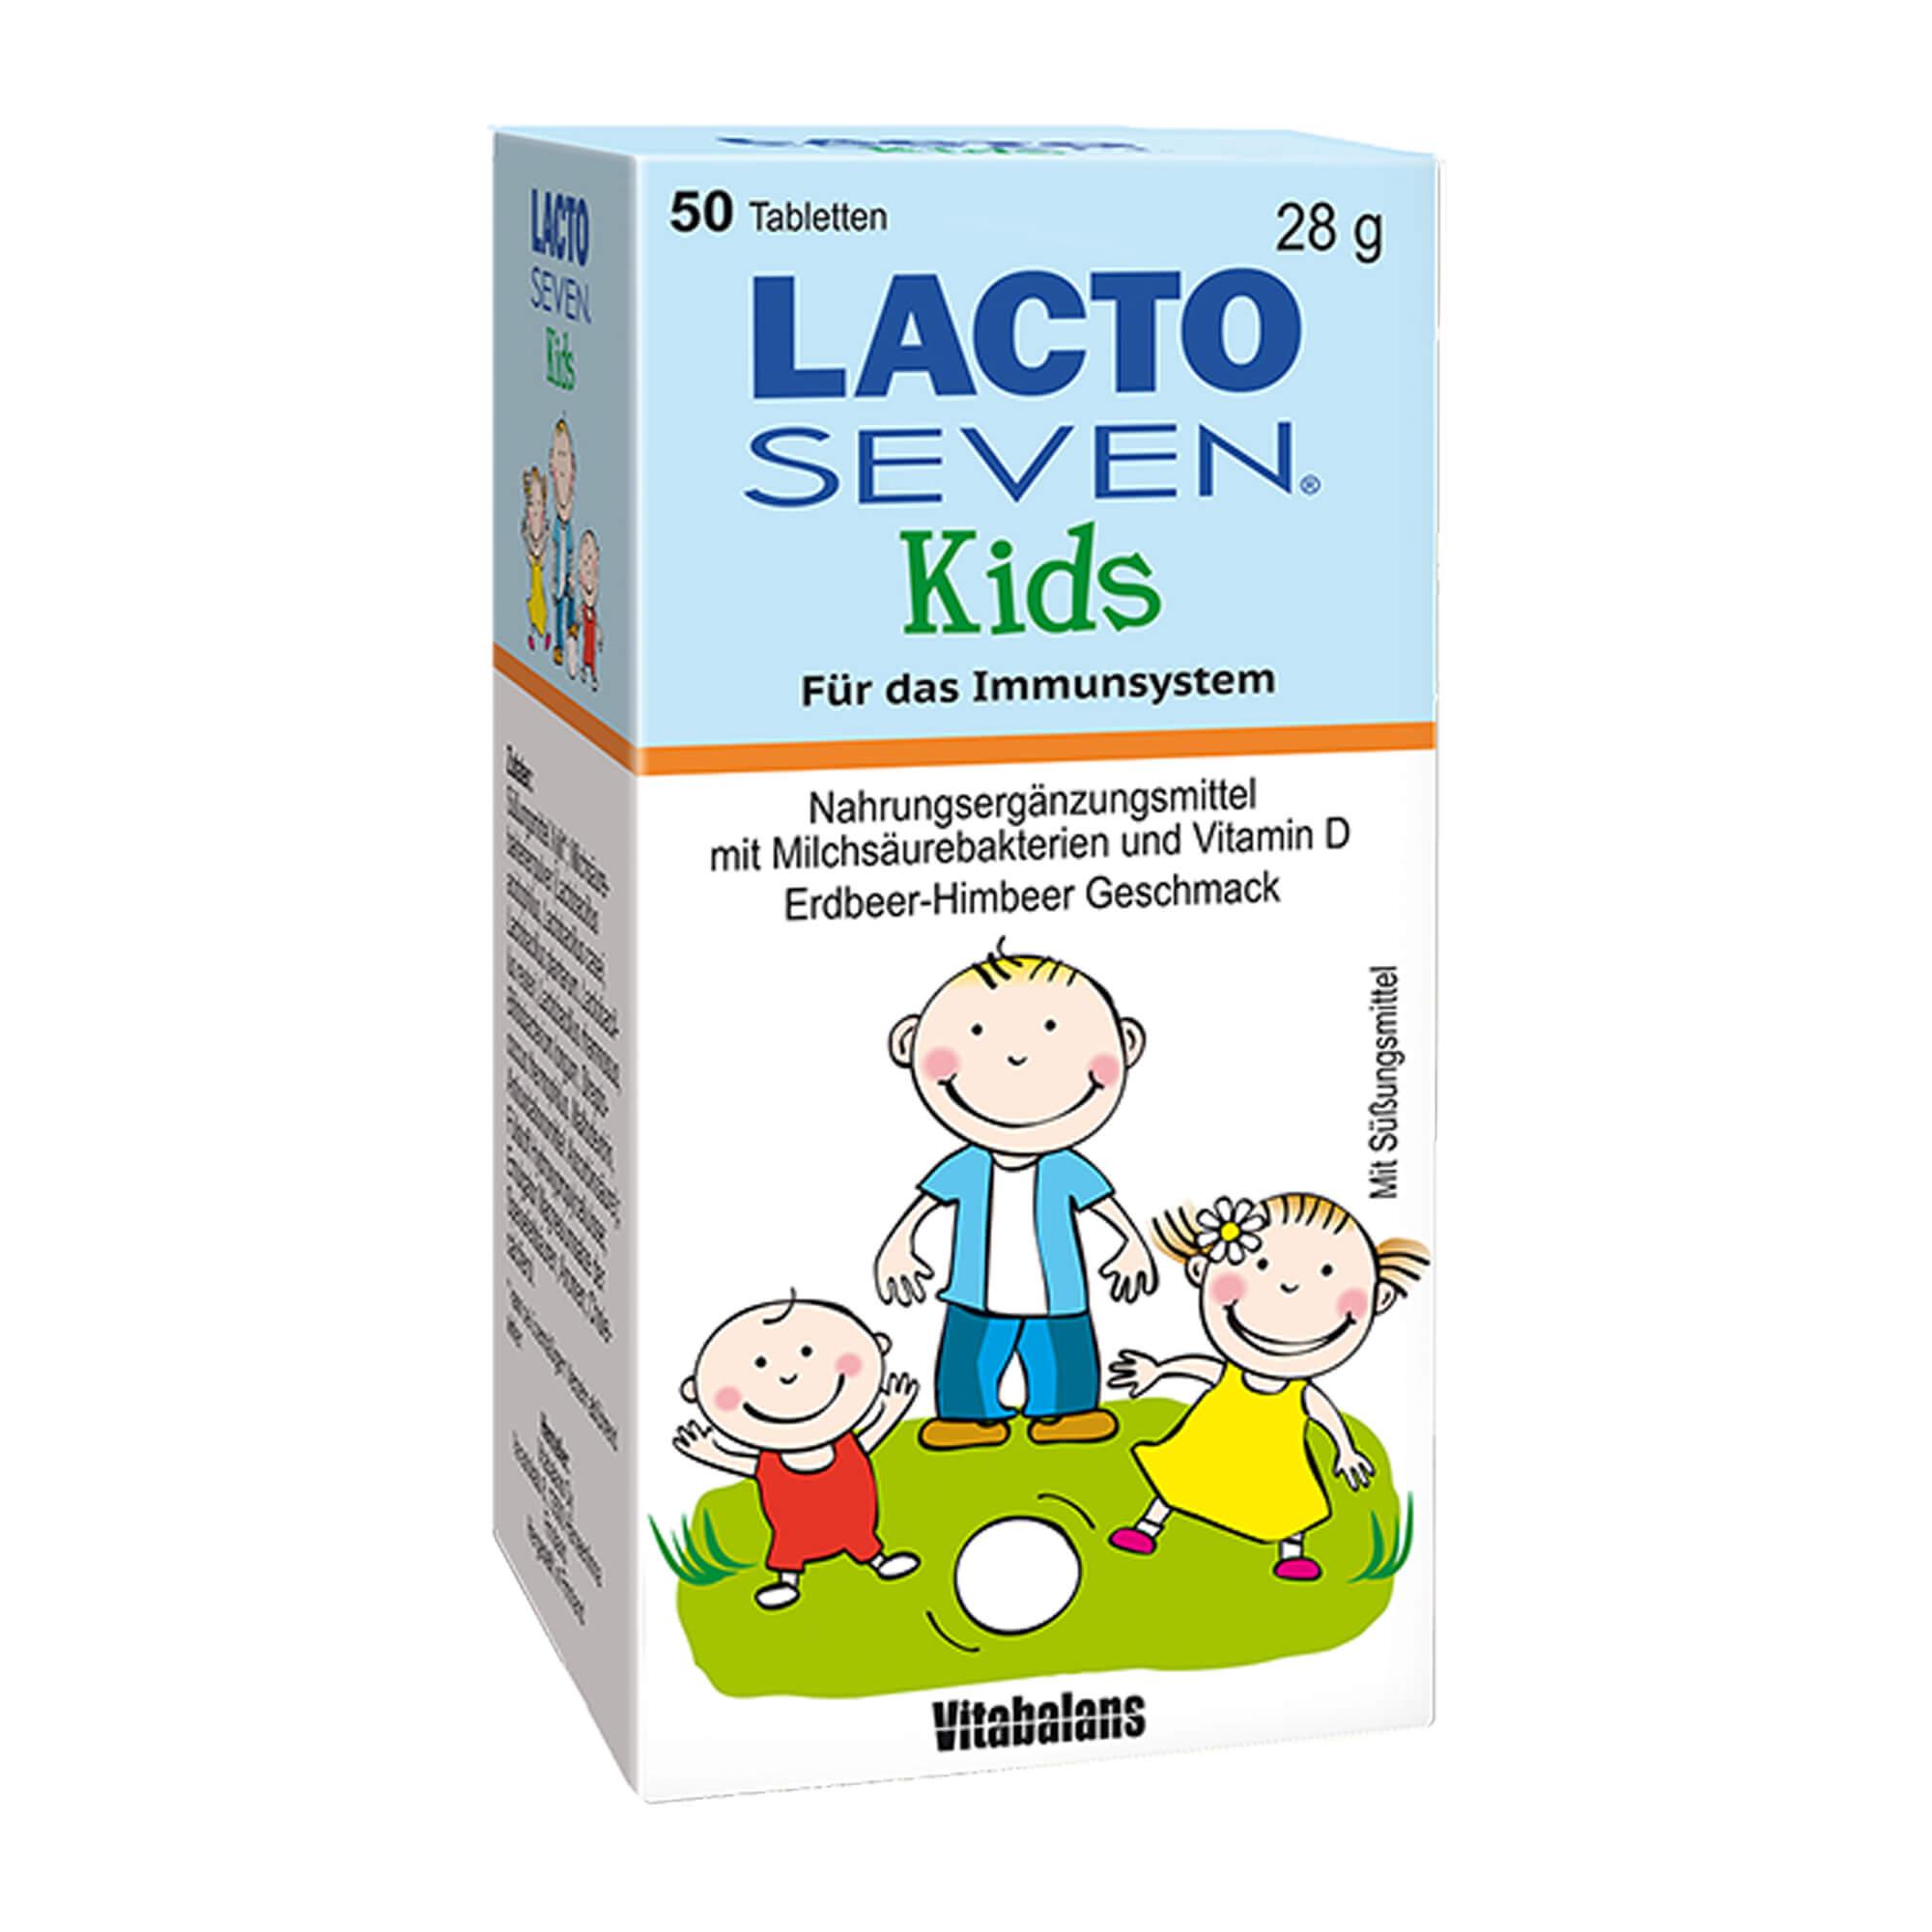 Lacto Seven Kids Erdbeer-Himbeer-Geschmack